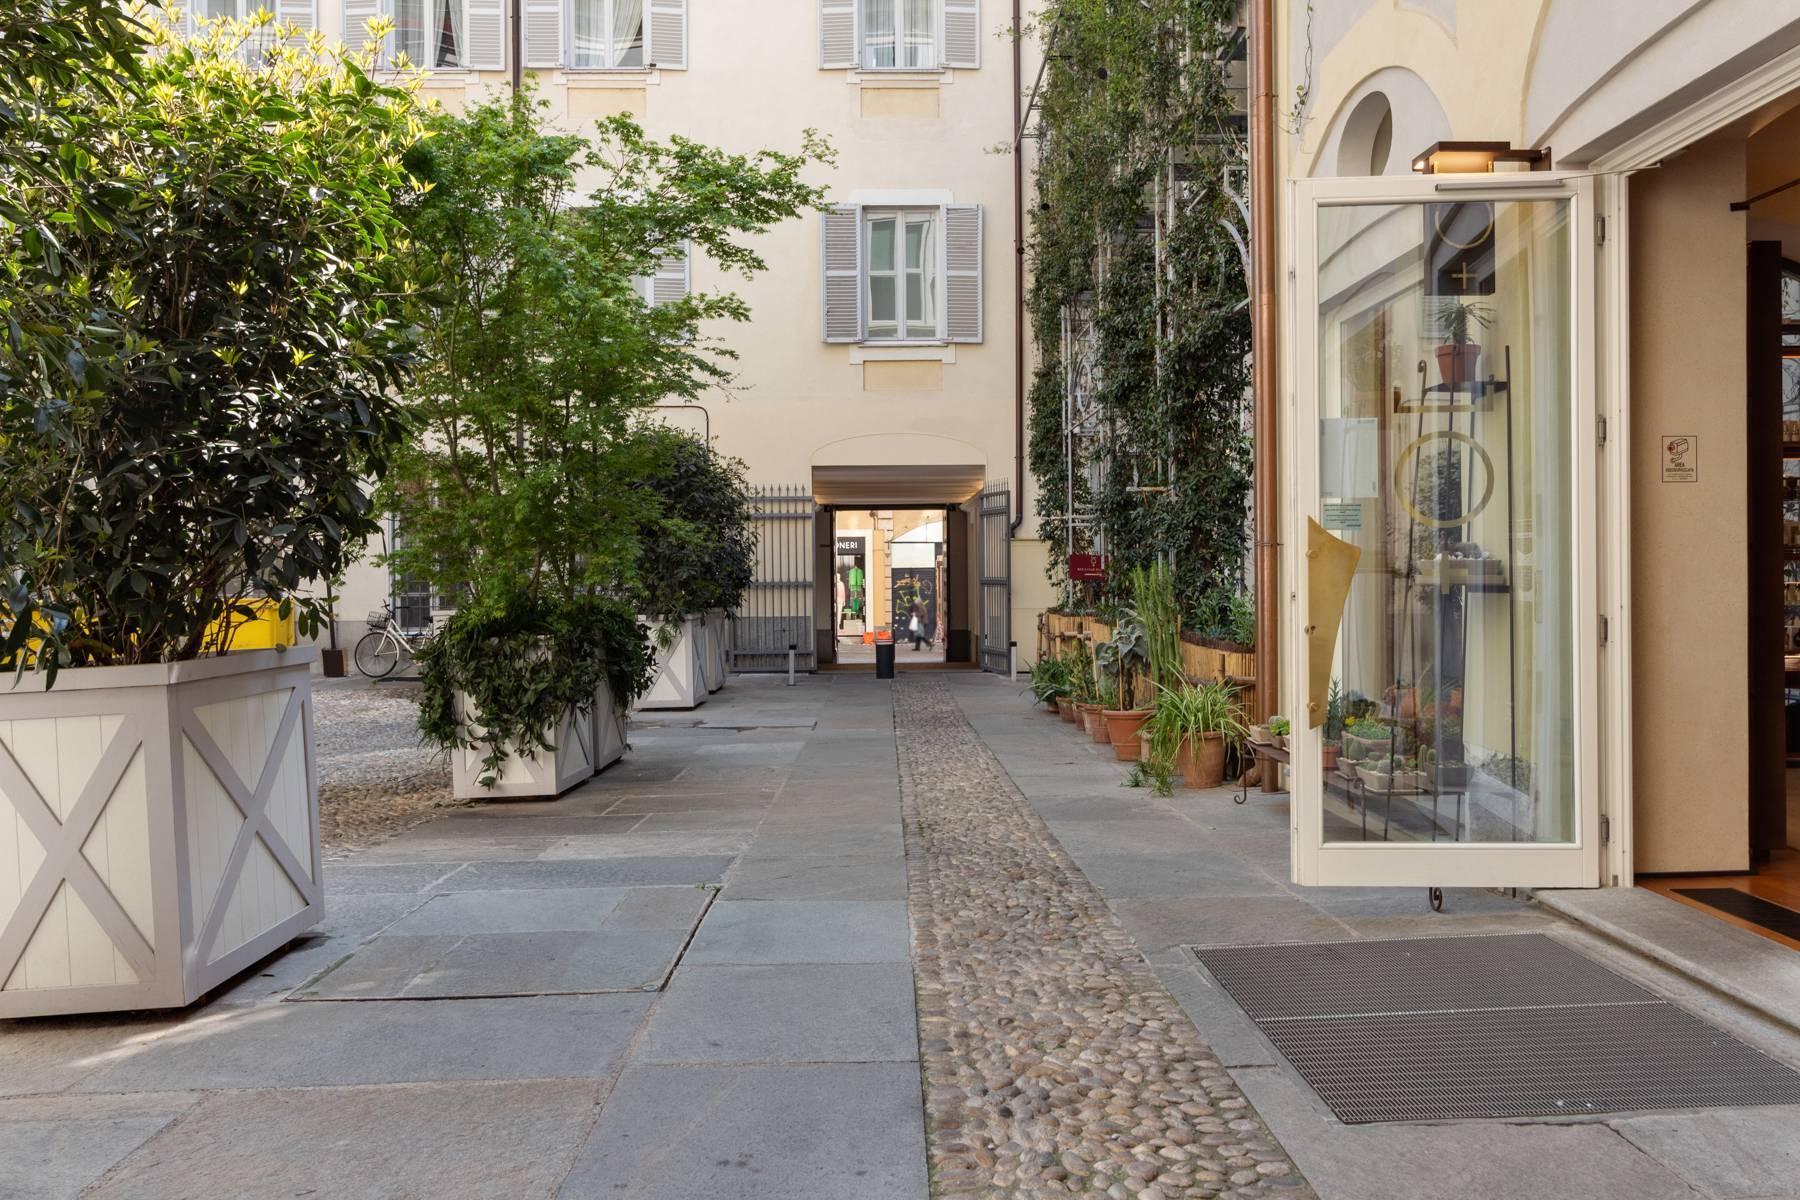 Attico in Vendita a Torino: 5 locali, 452 mq - Foto 13